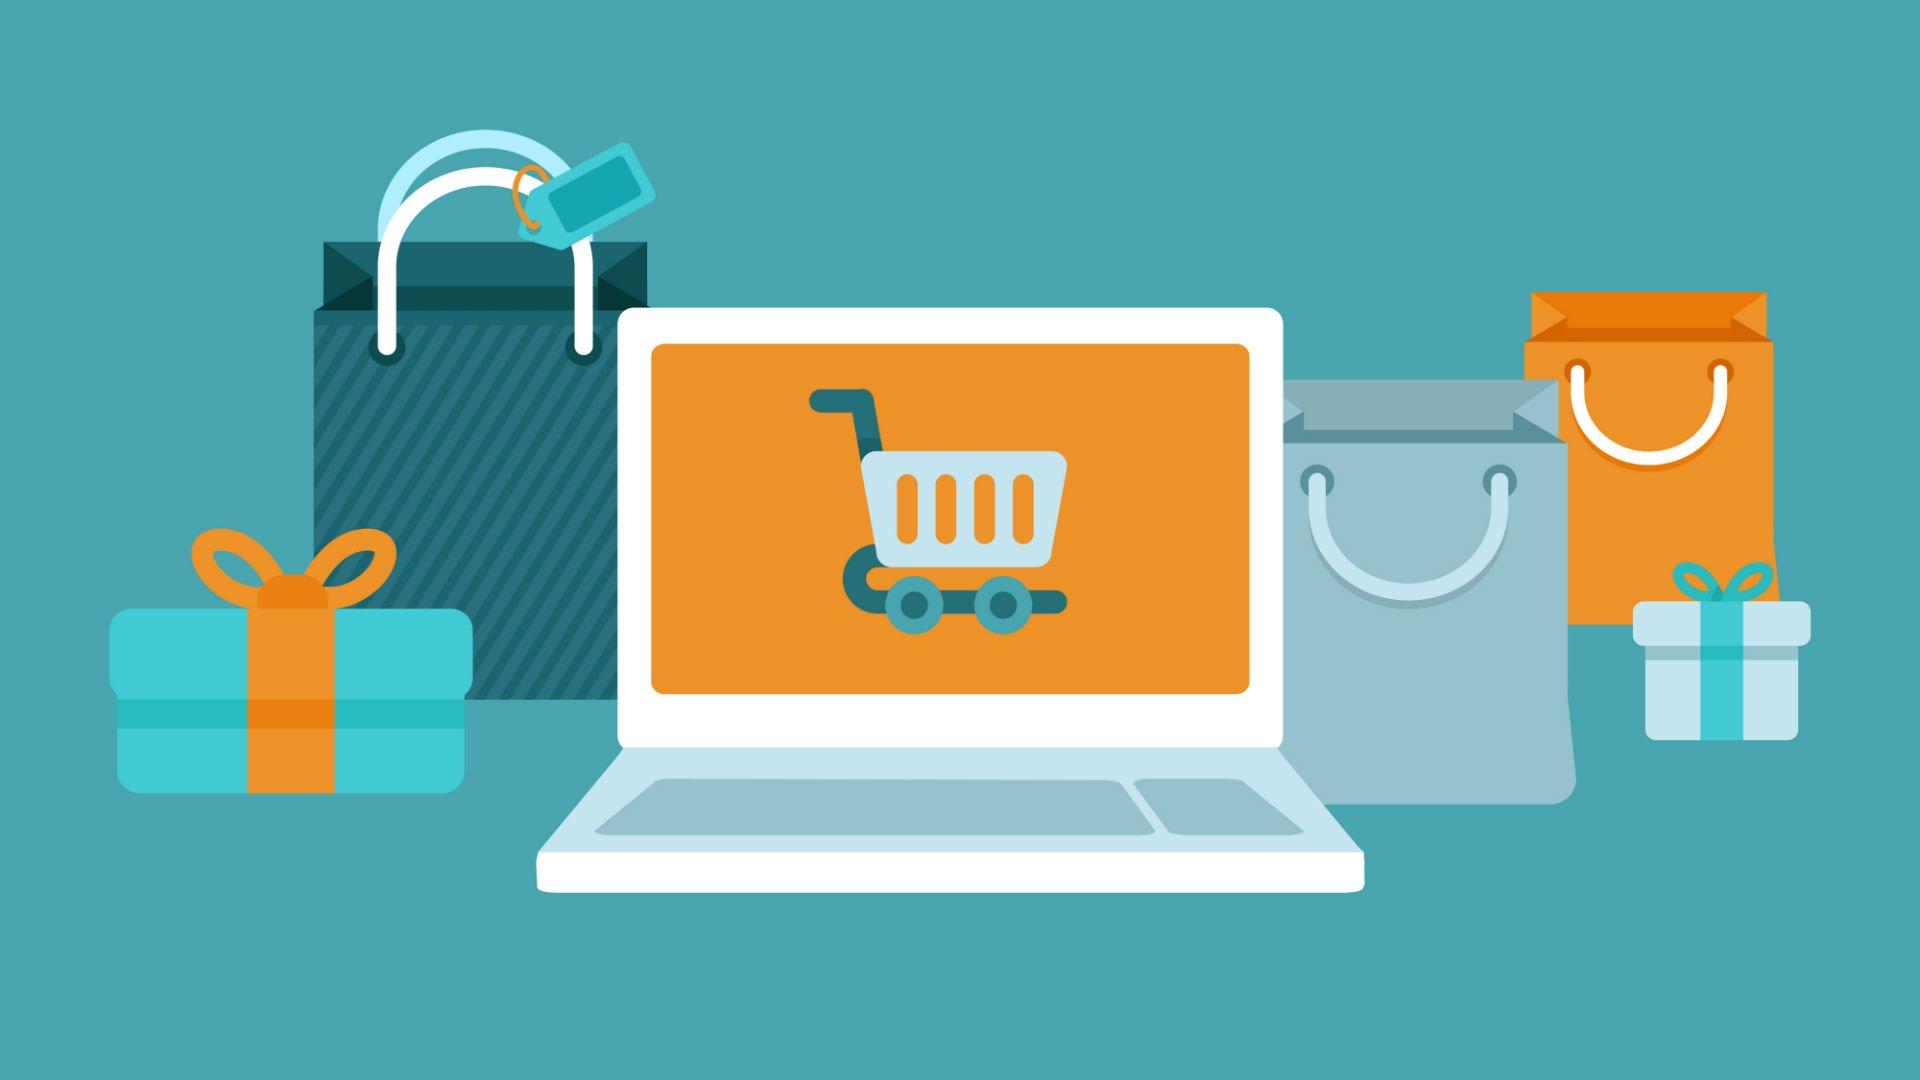 Як вибрати шаблон для інтернет-магазину за зовнішнім виглядом